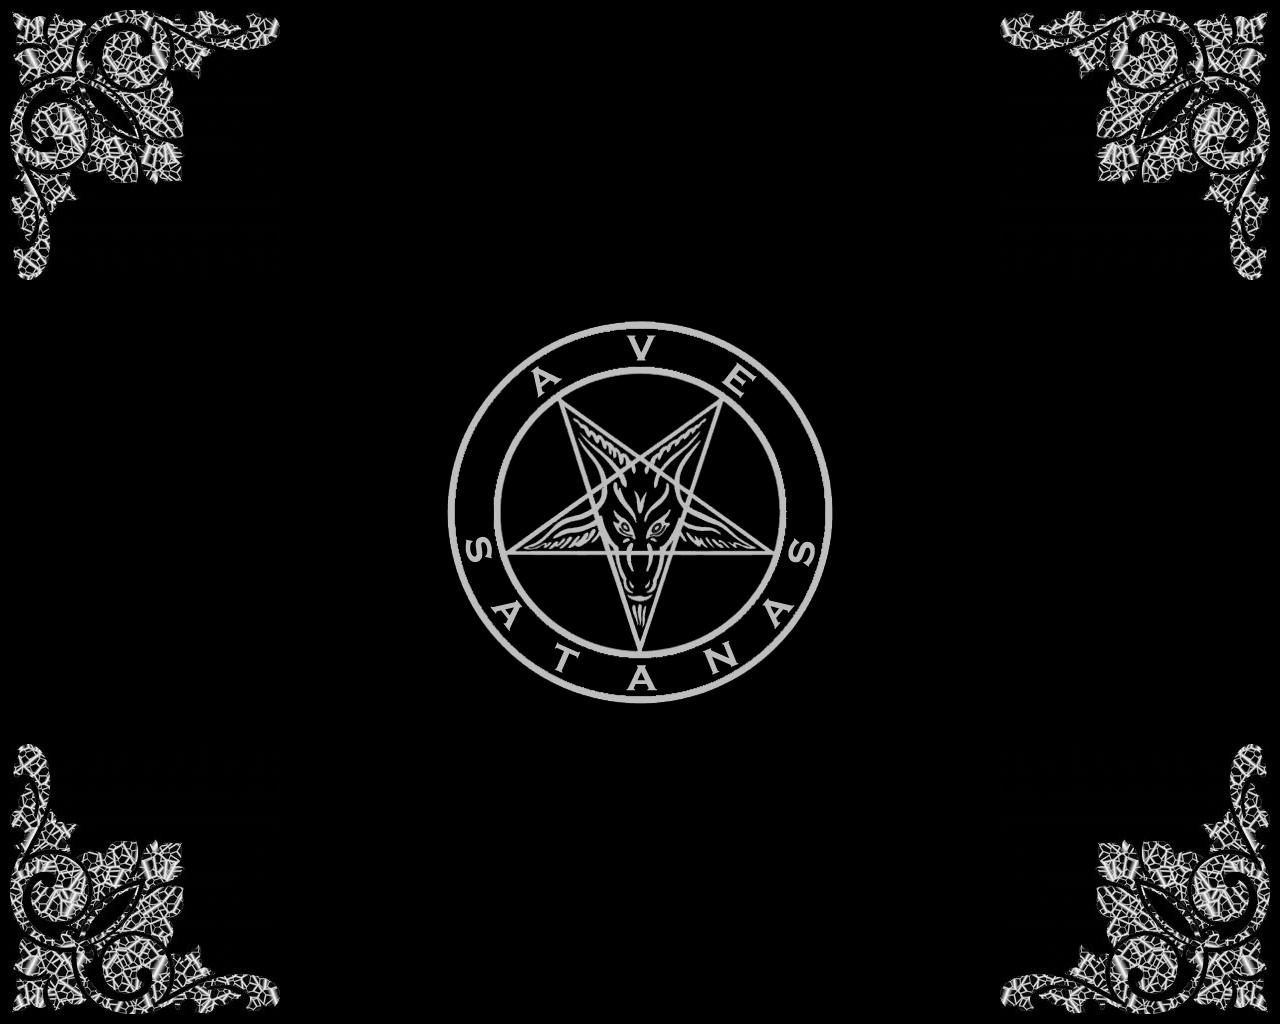 Satan Wallpaper - WallpaperSafari